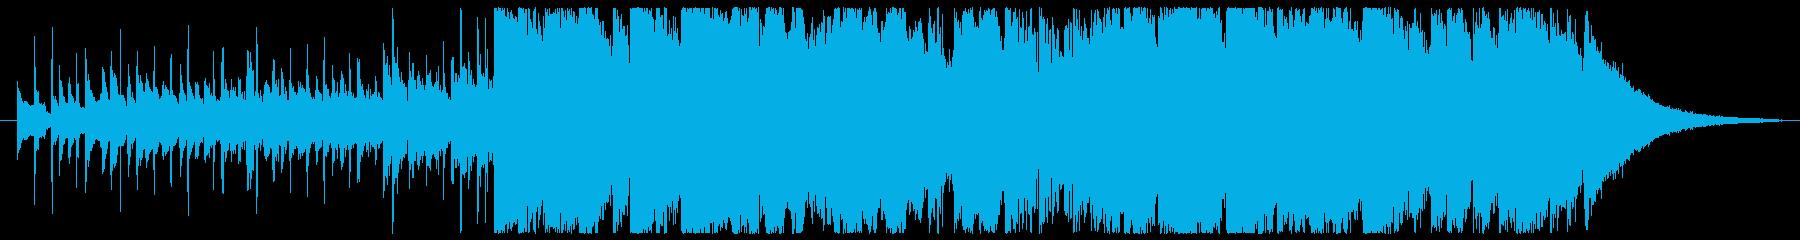 尺八フルートのモダンなサウンドの再生済みの波形